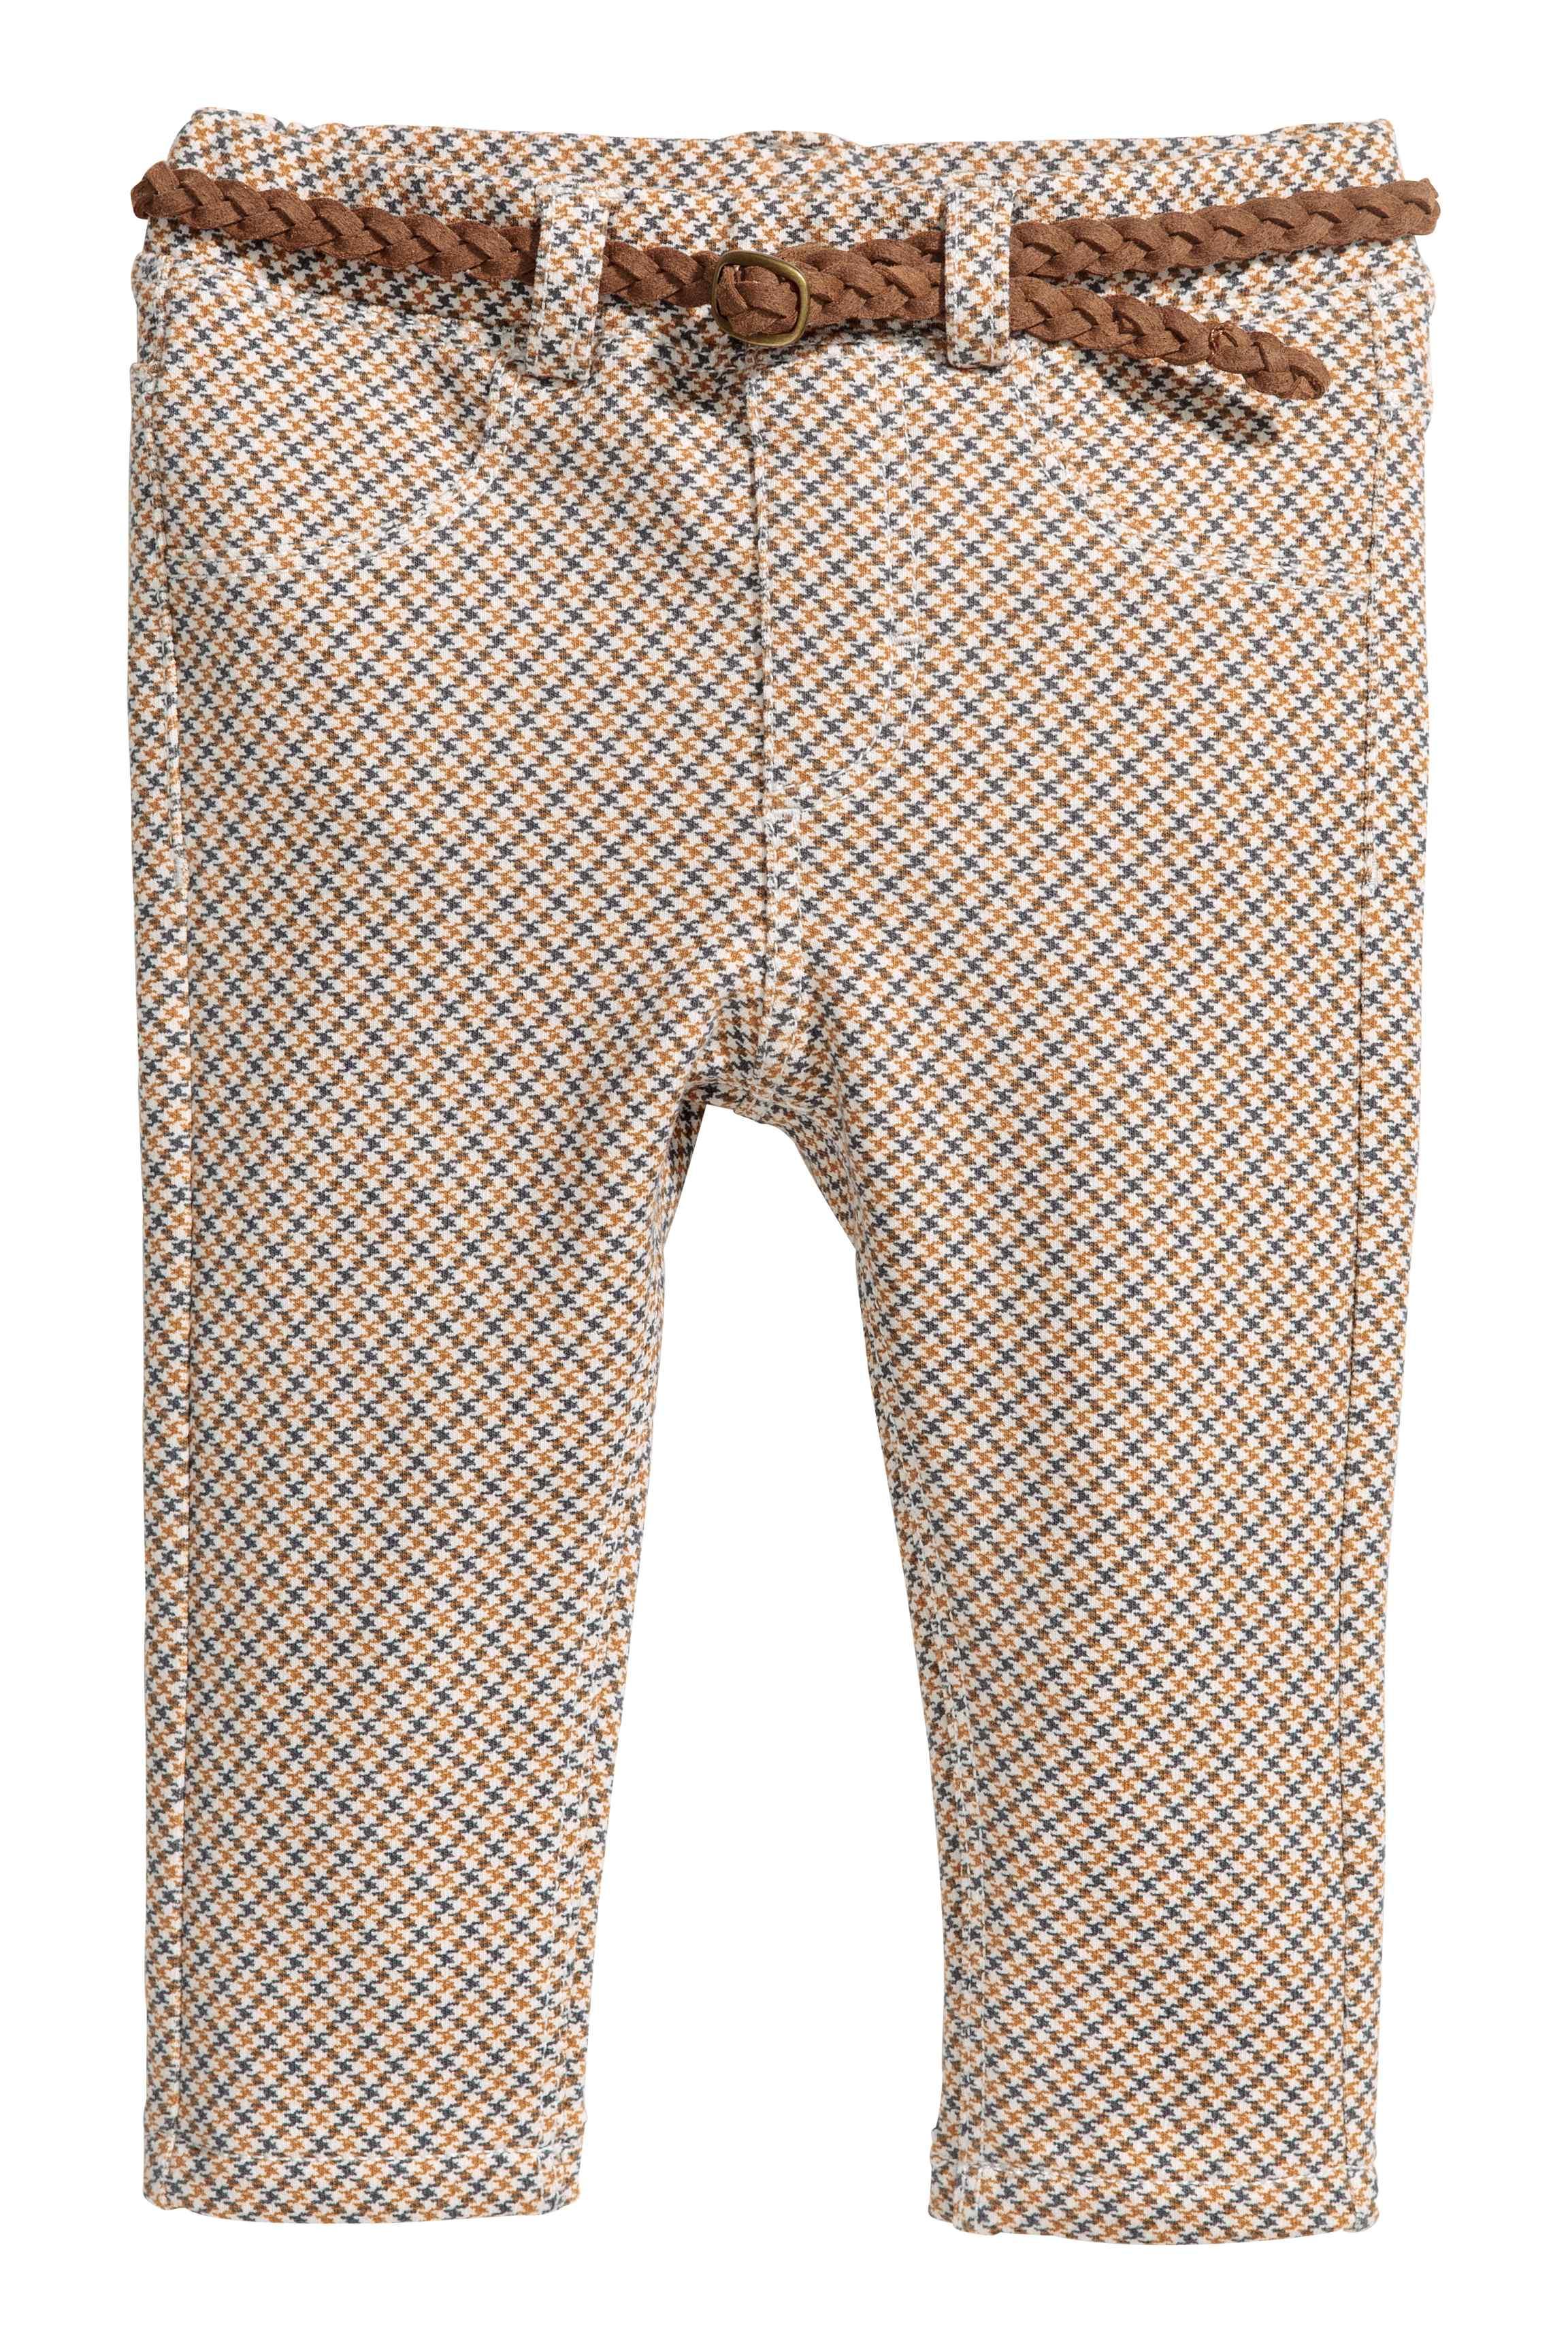 Одяг та взуття - Штани з поясом b5349b35140ac